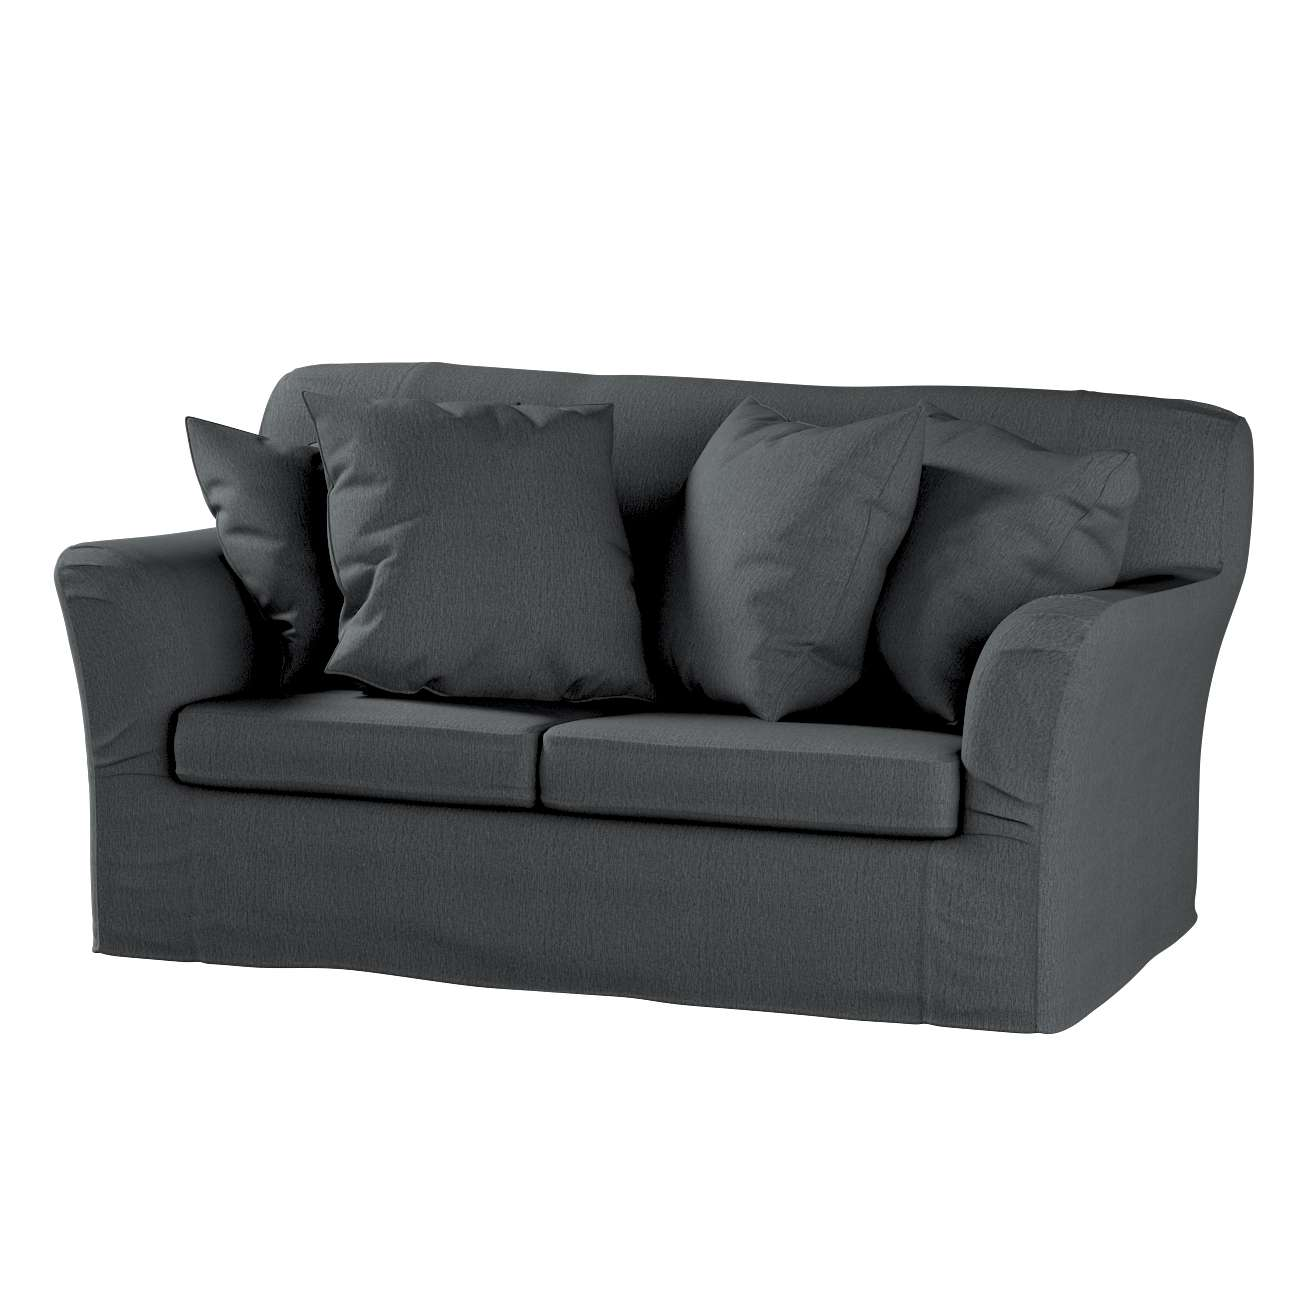 Pokrowiec na sofę Tomelilla 2-osobową nierozkładaną w kolekcji Chenille, tkanina: 702-20